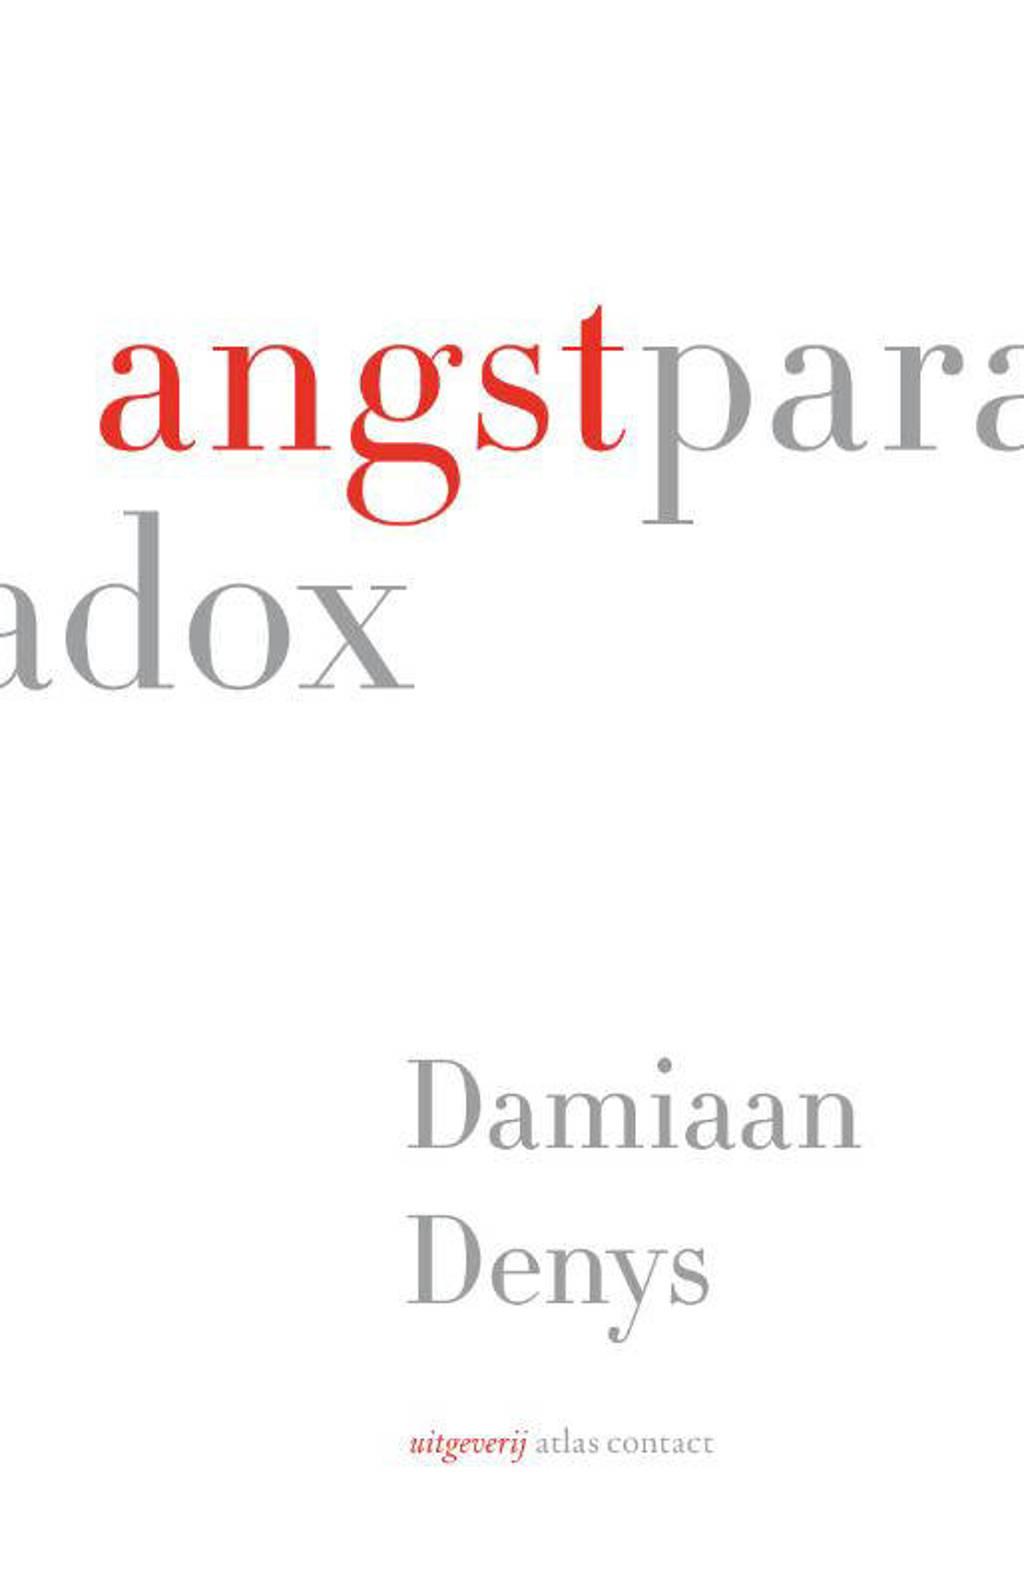 Angstparadox - Damiaan Denys